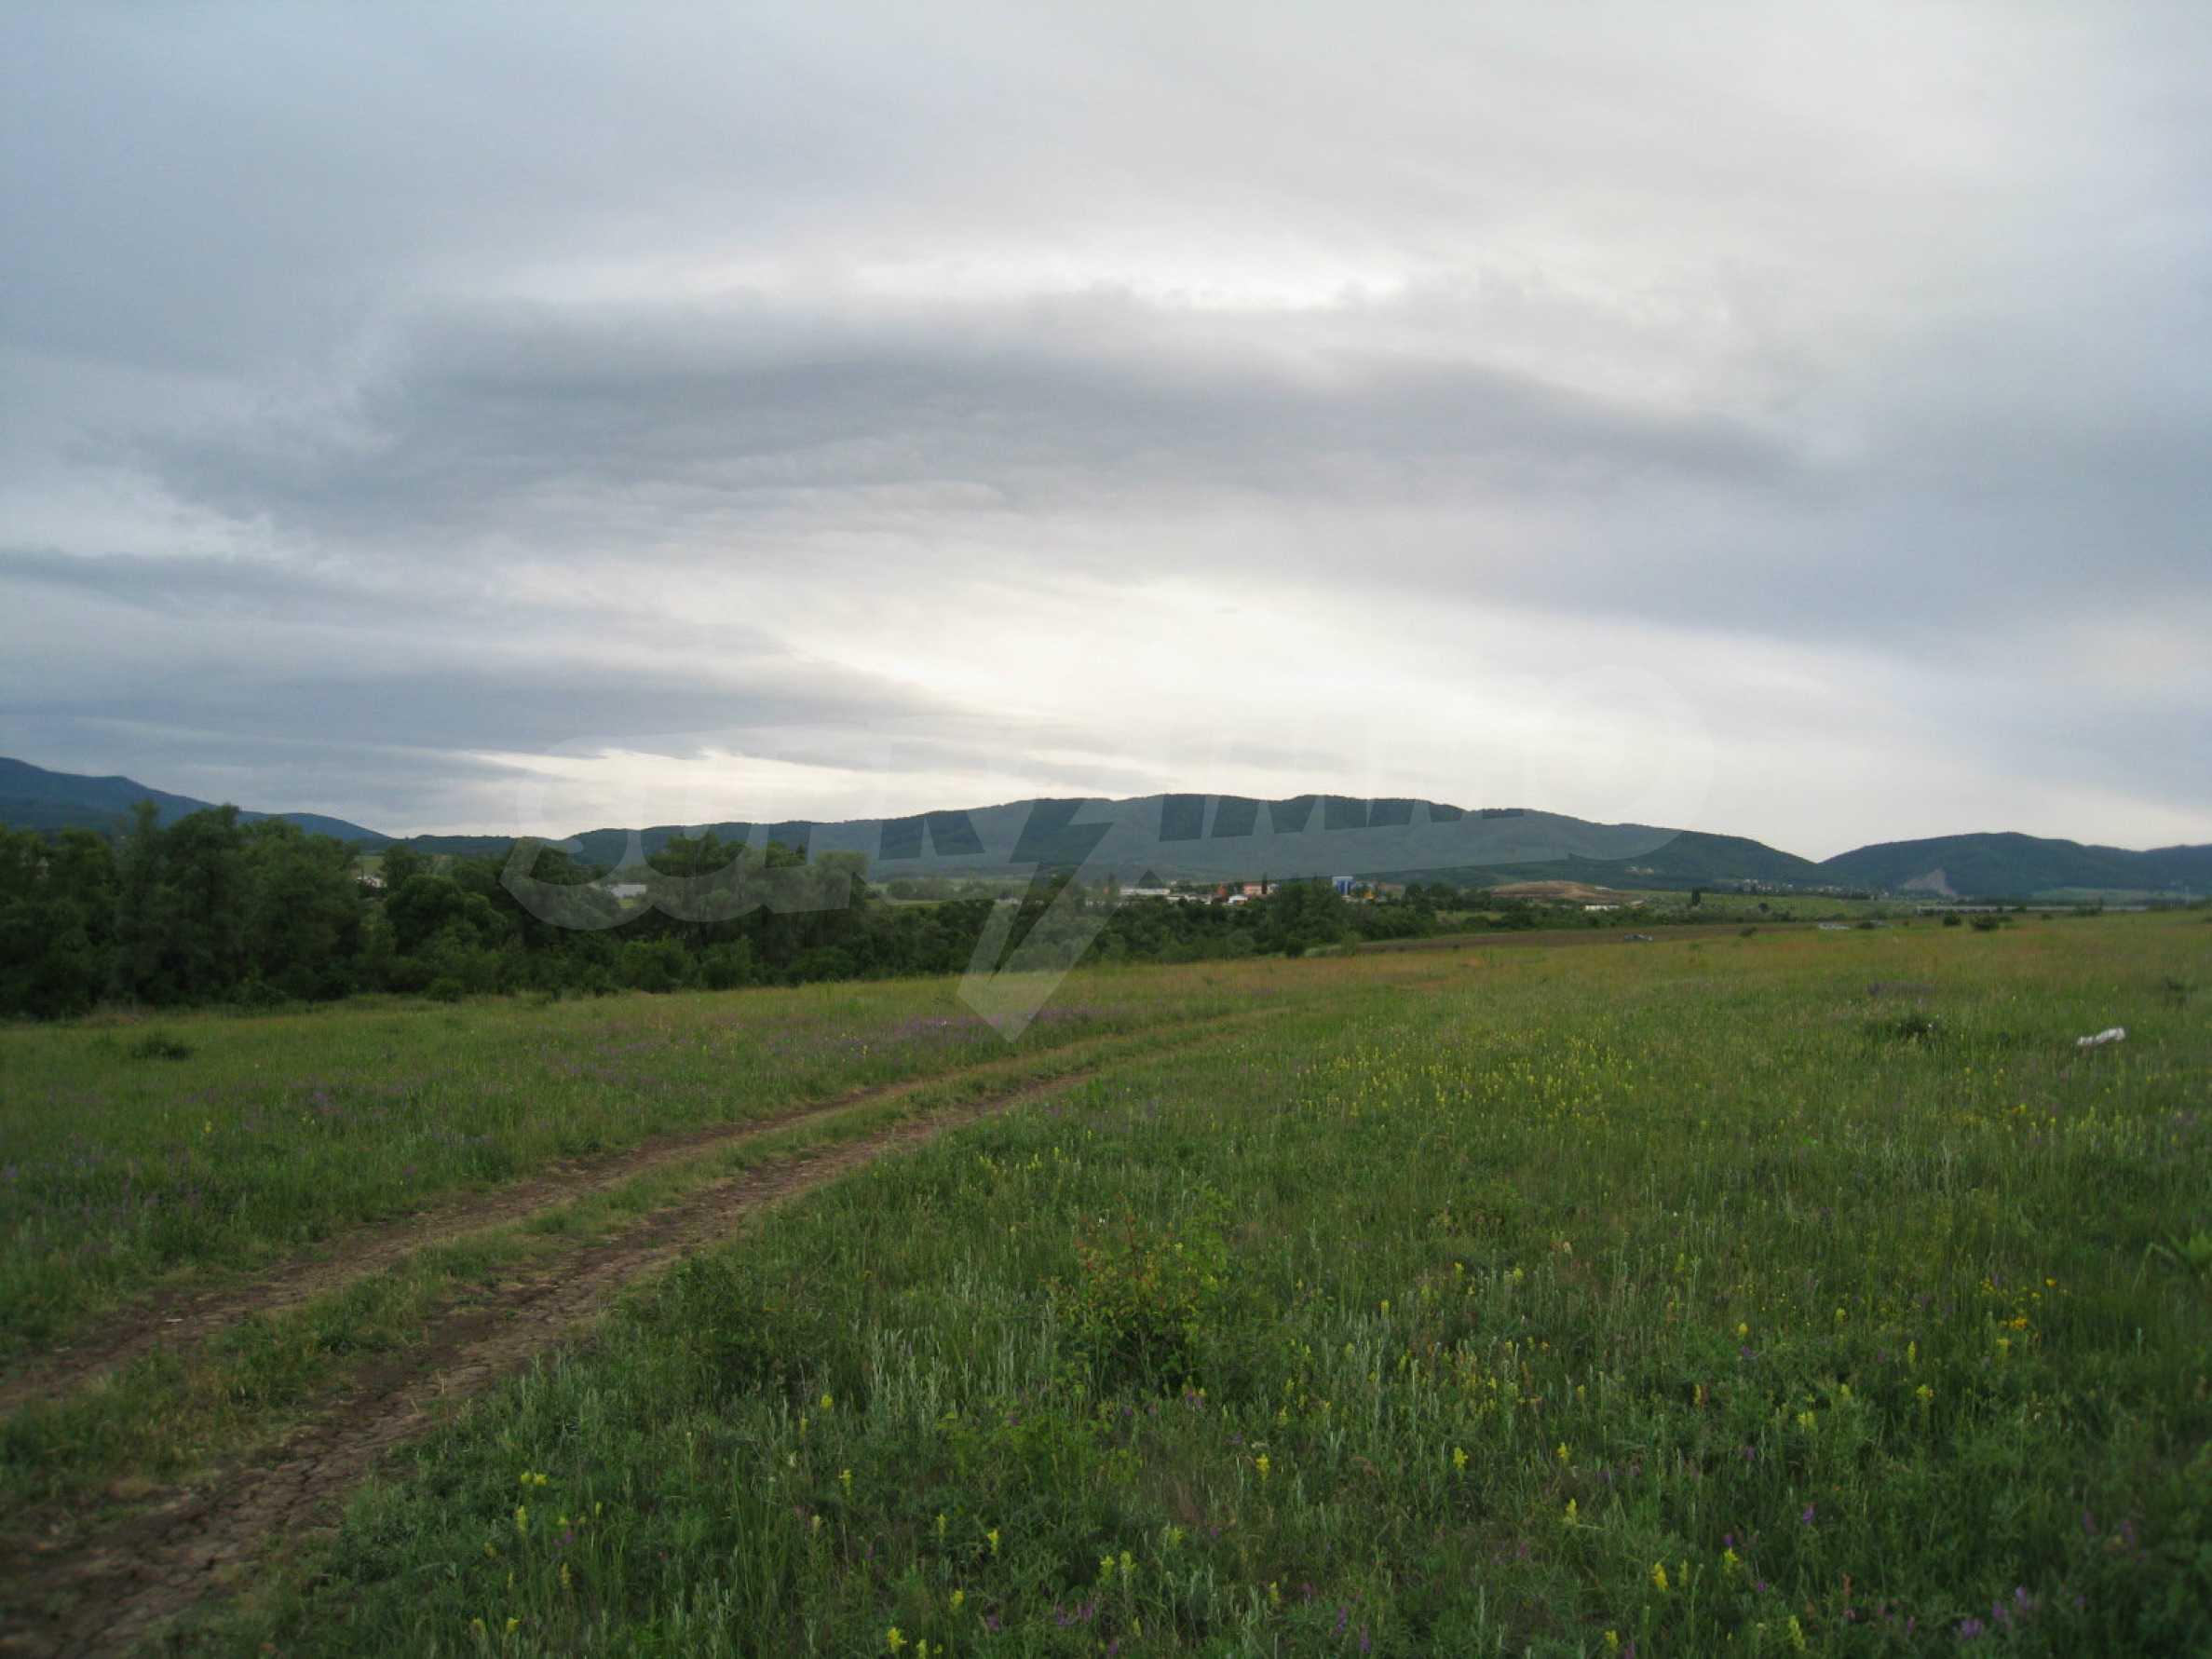 Ackerland in der Nähe eines Sees in Suhodol 3